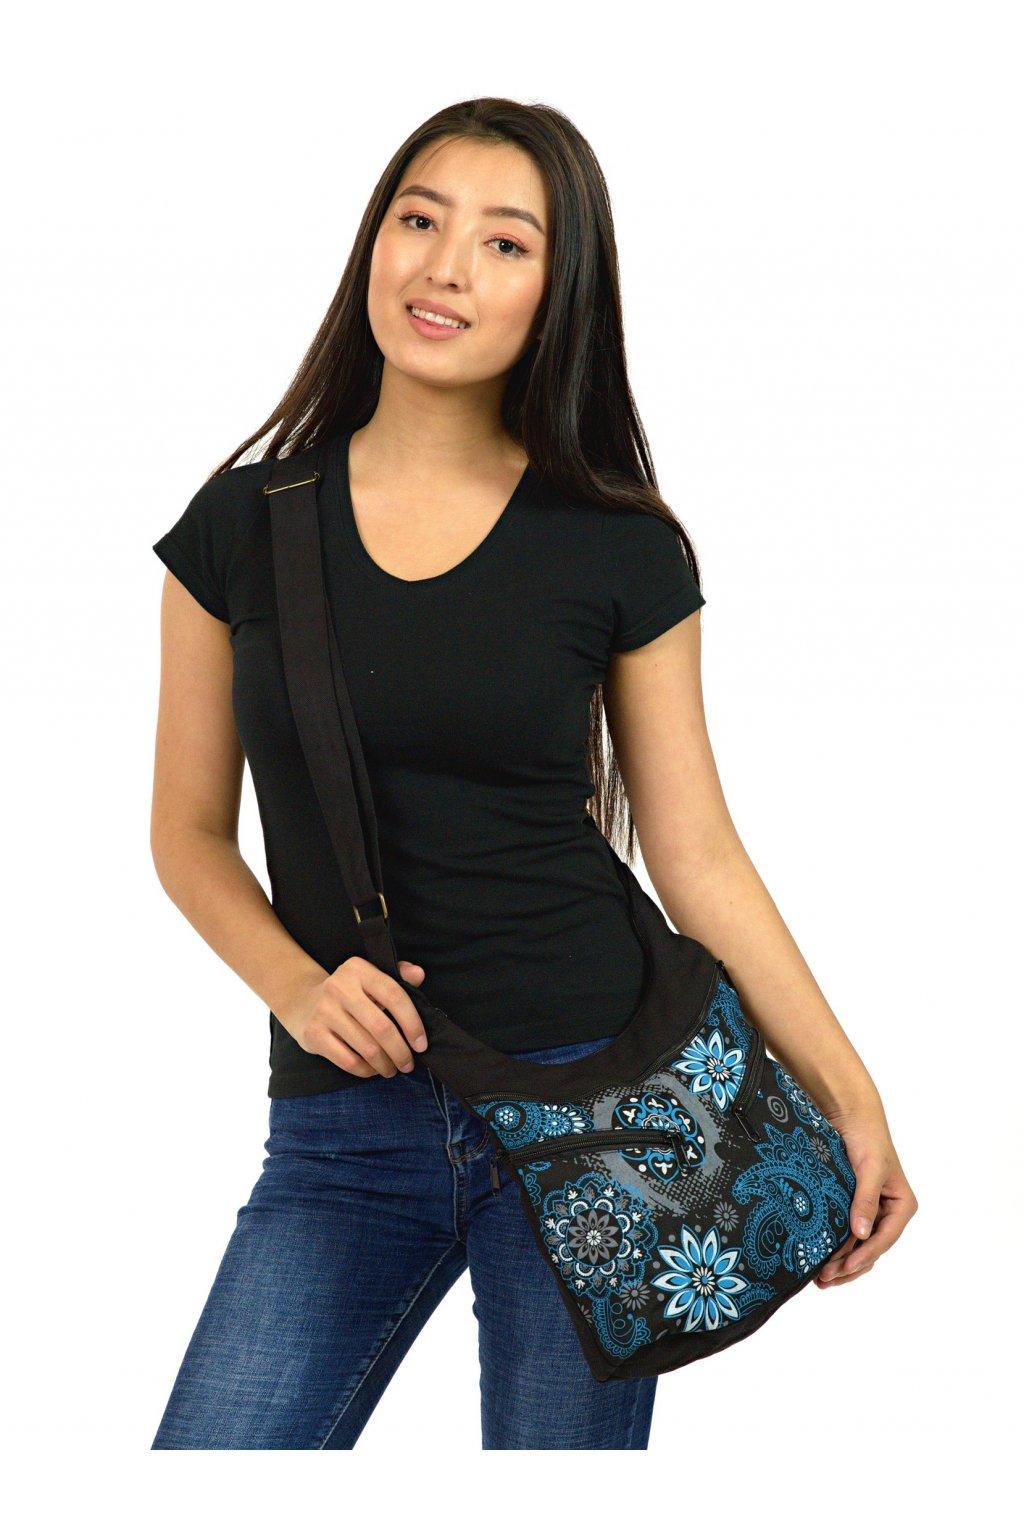 Crossbody kabelka Makua - černá s modrou